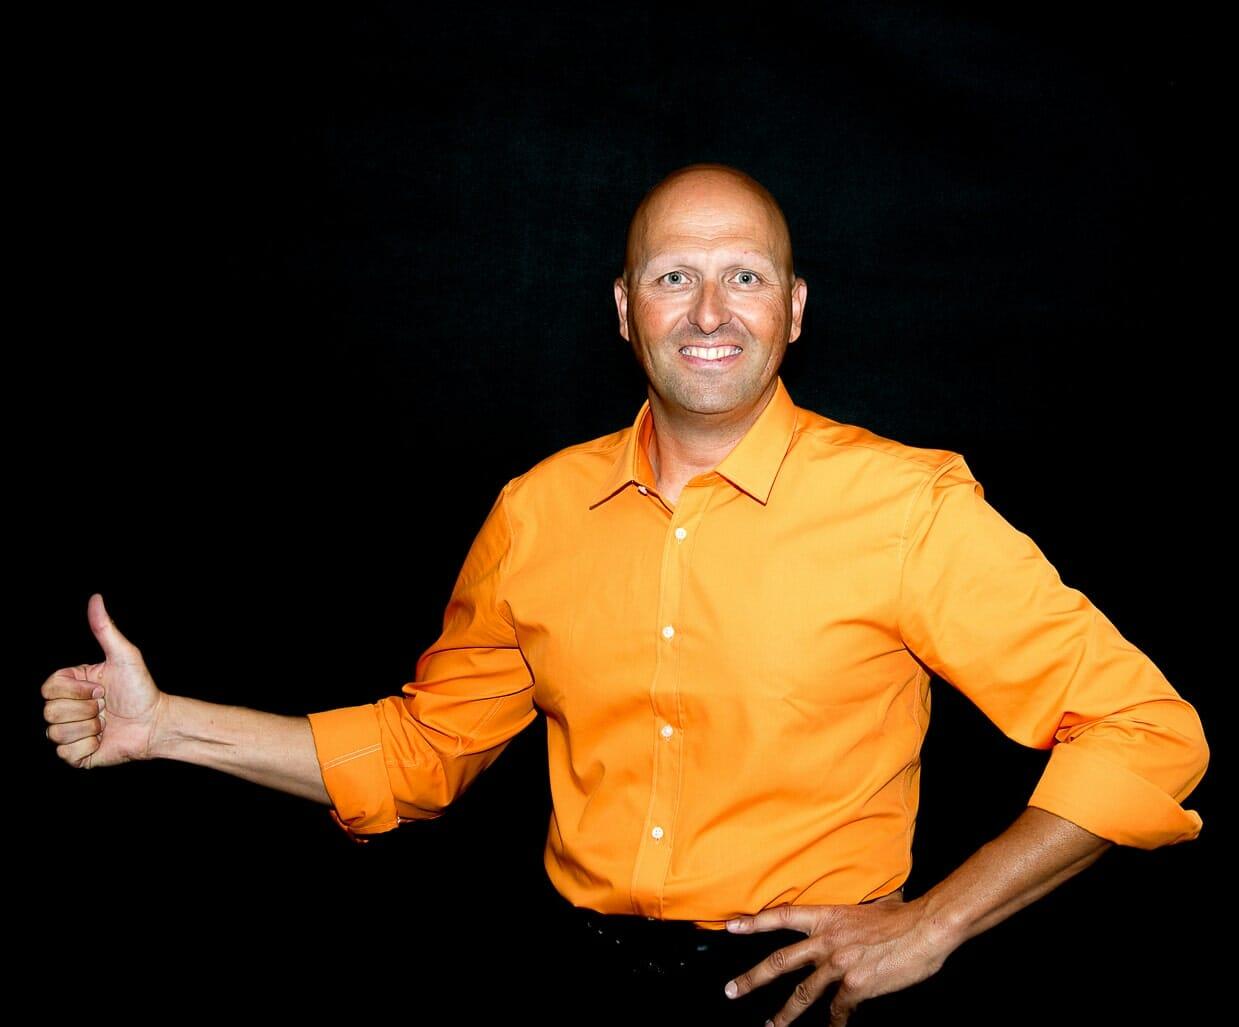 Mentaltrainer Sportmentaltrainer Mentalcoach Sportmentalcoach Hypnotiseur Supervisor Seminarleiter Vortragender Trainer Coach Michael Deutschmann, Akad. Mentalcoach - Mentaltraining Sportmentaltraining Mentalcoaching Sportmentalcoaching Coaching Hypnose Supervision Seminare Trainings